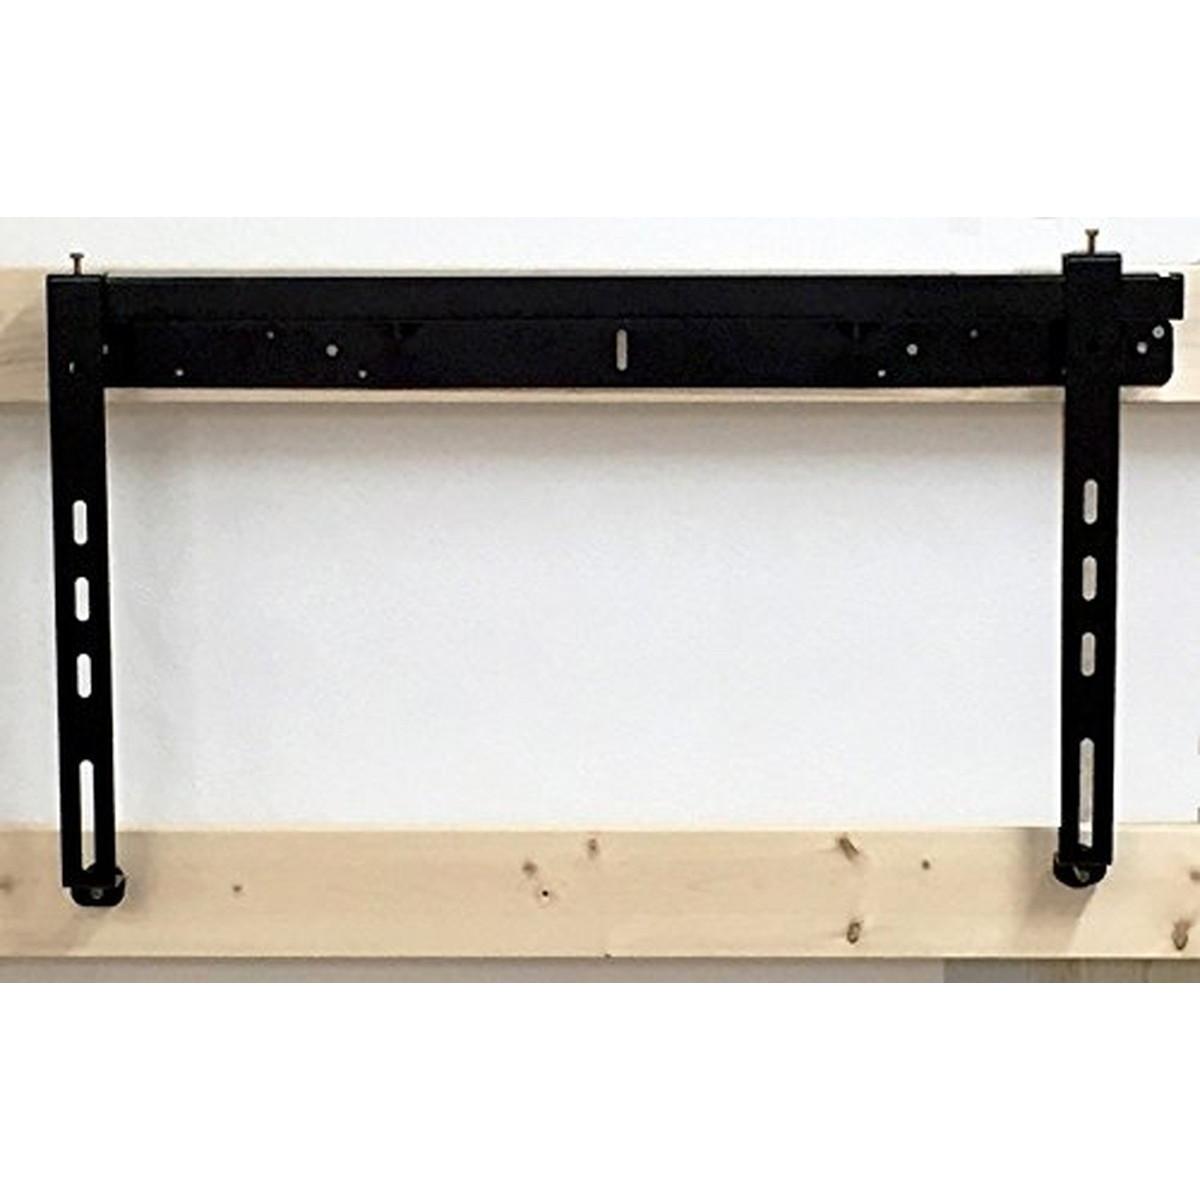 和気産業 ローボード・テレビ台 ブラック 個装サイズ:6×9×75cm【クーポン配布中】